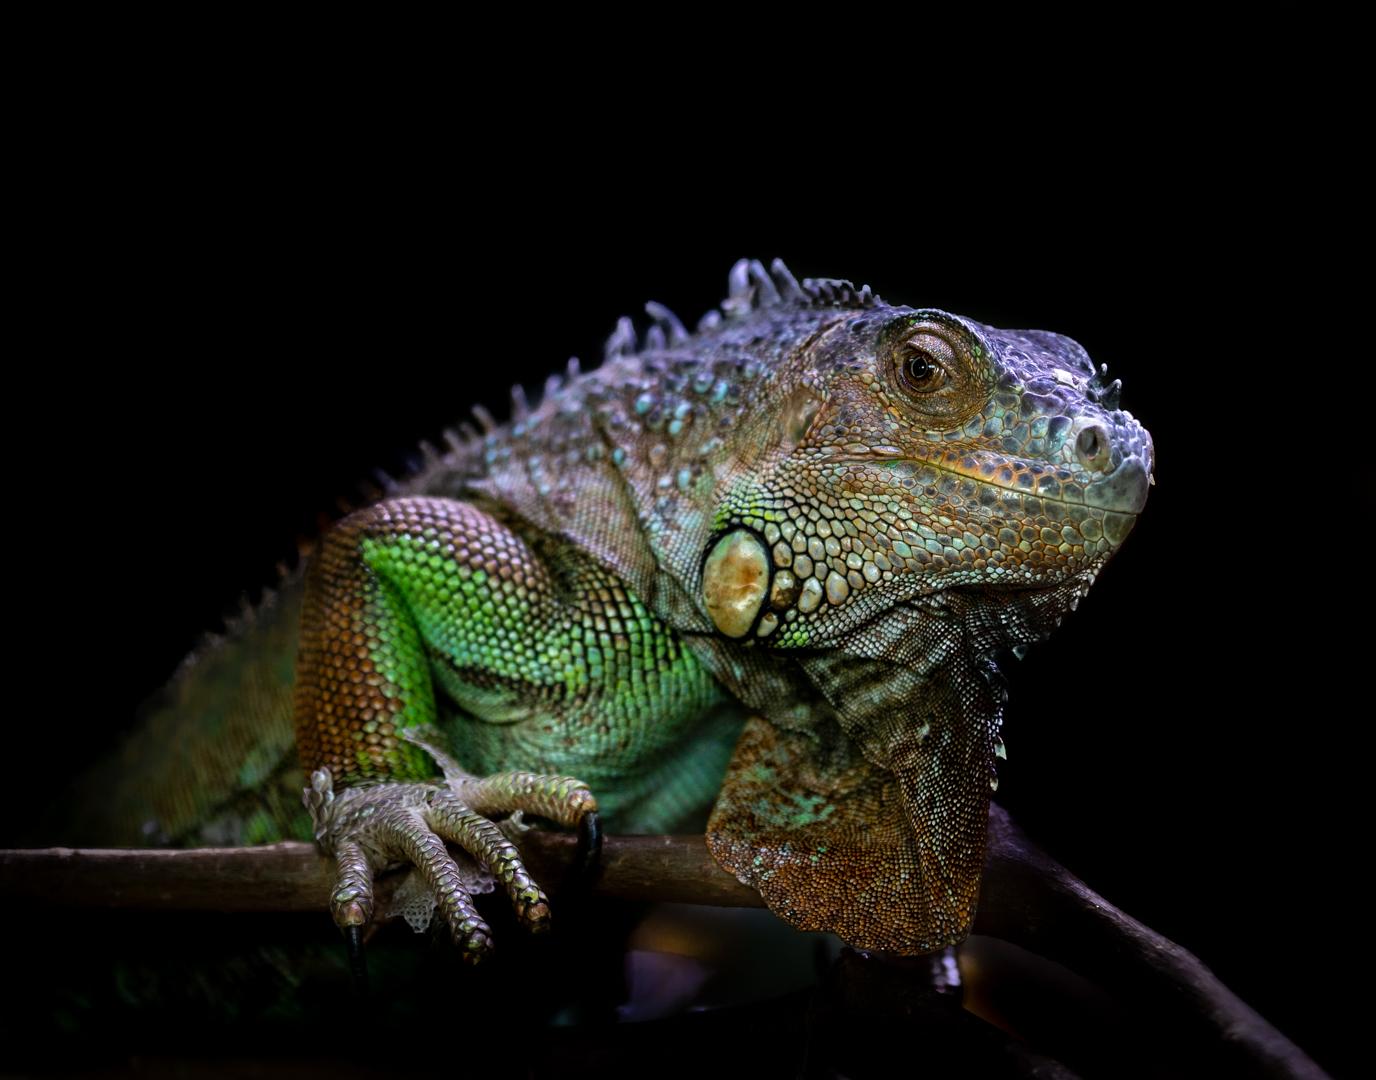 Green Dragon | © Irmgard Crispin